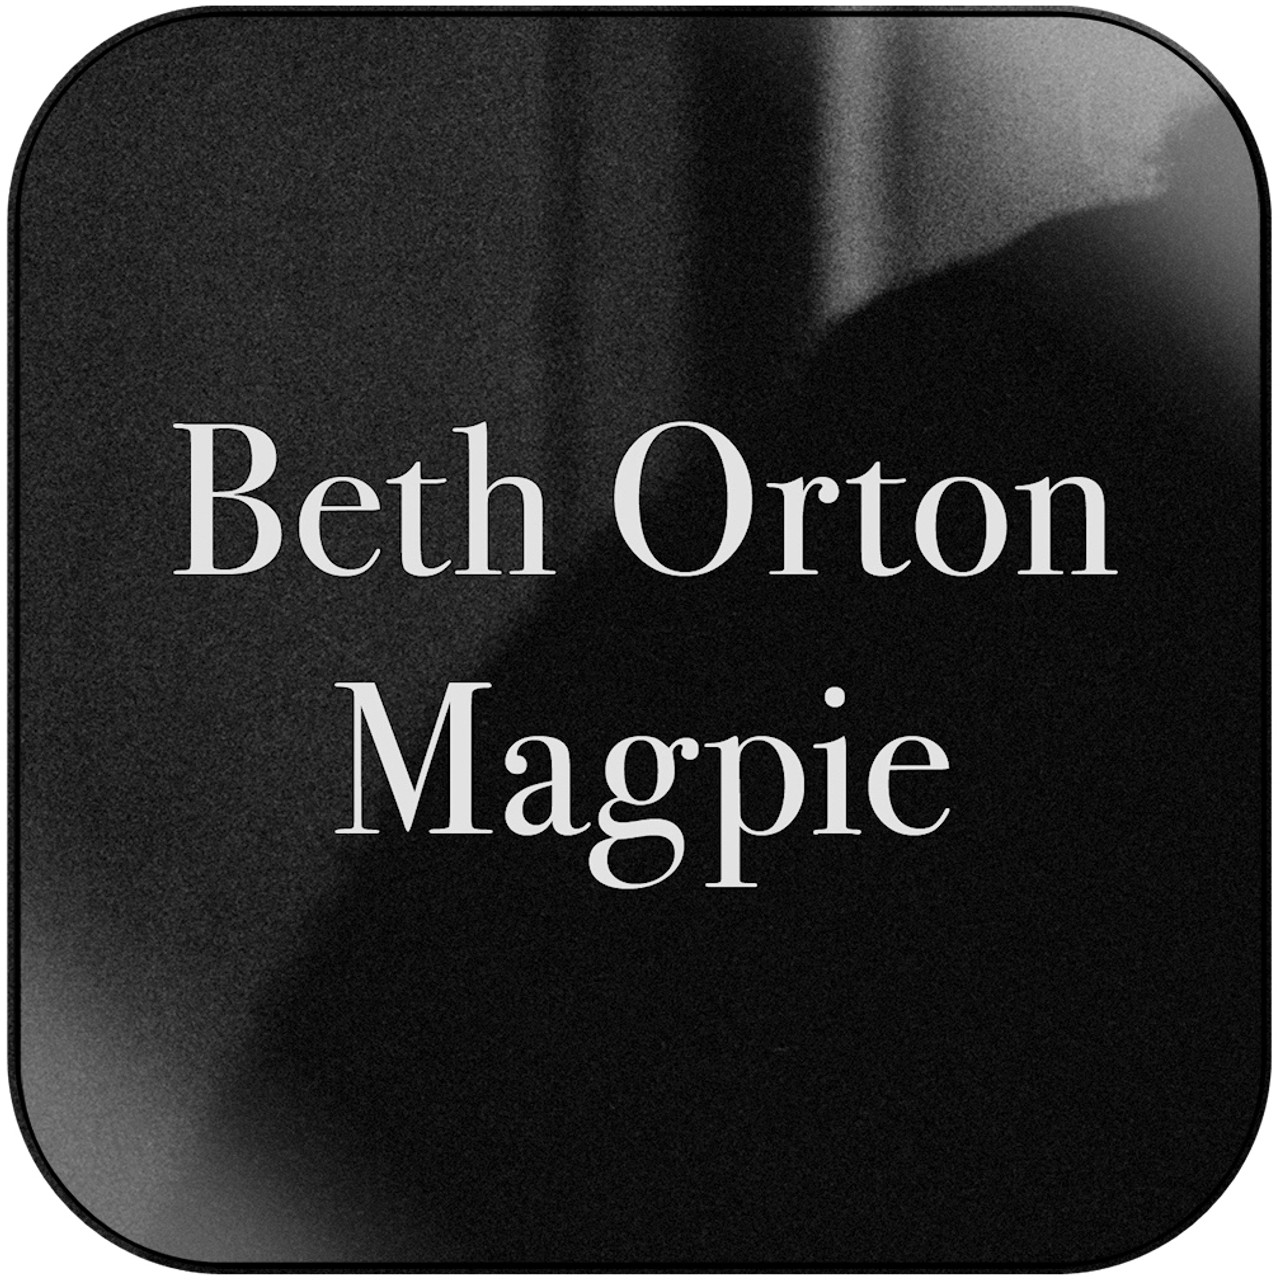 Beth Orton - Magpie Album Cover Sticker